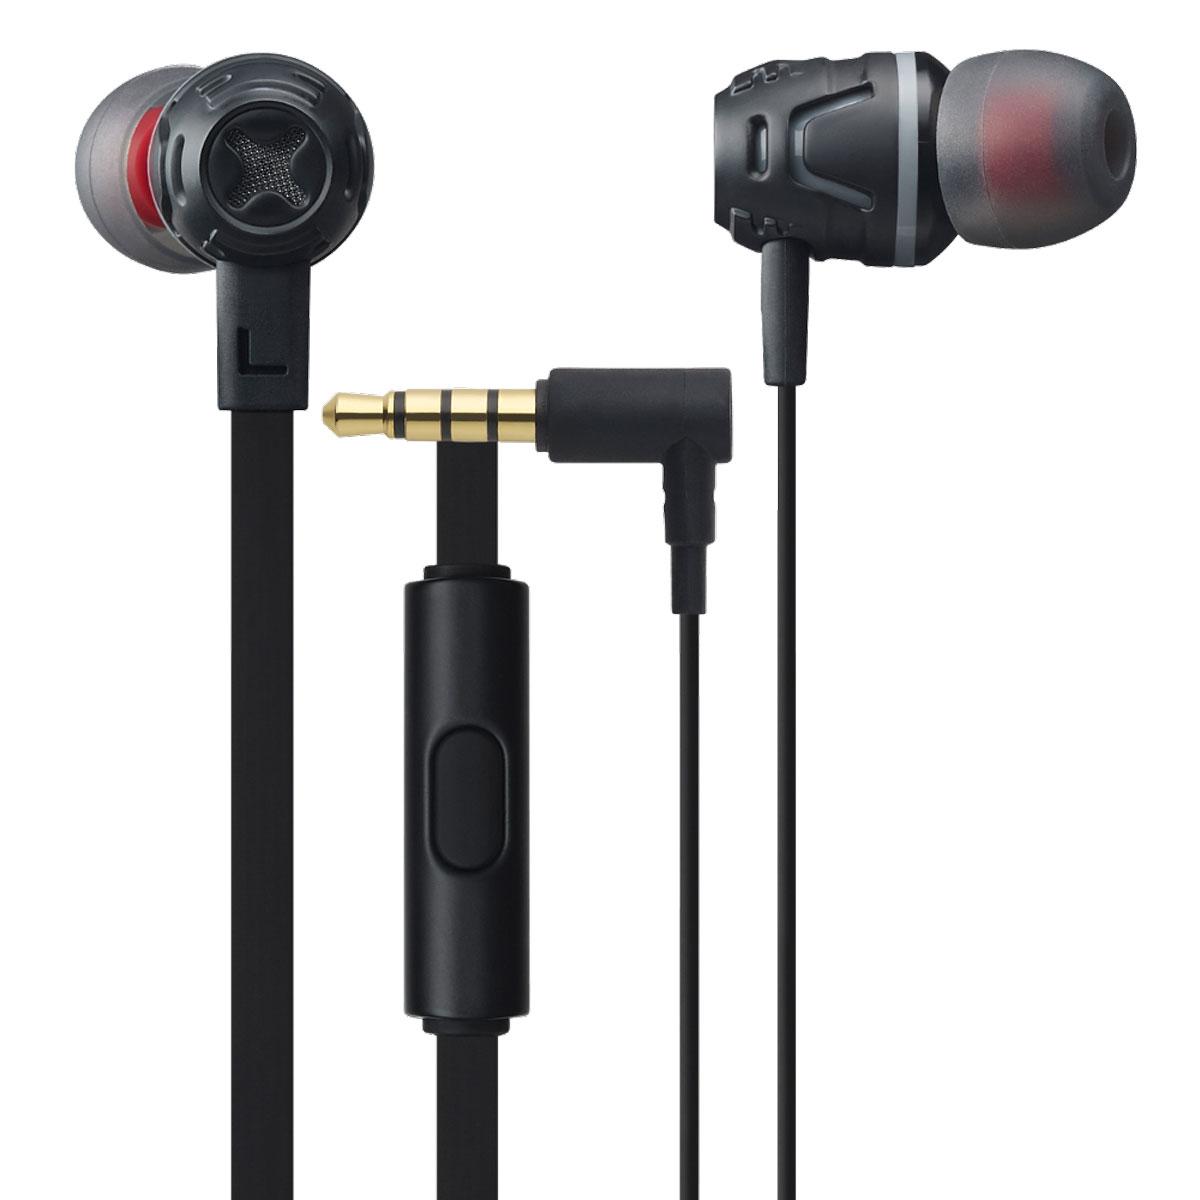 Cresyn C450S, Black наушники с микрофономC450S BlackВставные наушники с микрофоном Cresyn C450S совершенны в своем исполнении. Яркий дизайн и множество цветовых вариантов рассчитаны на взыскательный вкус стремительных и энергичных. Крупные 10- миллиметровые динамики с неодимовыми магнитами выдают детализированный звук, насыщенный глубокими басами. Открытое акустическое оформление способствует предельно естественному звучанию, а посадка в ушном канале с подобранными по размеру насадками изолирует шумы извне. Плоский кабель не спутывается и отличается повышенной прочностью. Двухцветные насадки разных размеров не только позволяют получить максимальный комфорт при ношении, но и радуют сочетанием цветов. Пульт, встроенный в кабель стерео-гарнитуры Cresyn C450S, располагает кнопкой для ответа на входящие вызовы. Высокочувствительный ненаправленный микрофон с максимальной четкостью захватывает ваш голос при общении, отсекая лишние шумы. Все перечисленные функции позволяют слушать музыку и отвечать на звонки, не ...